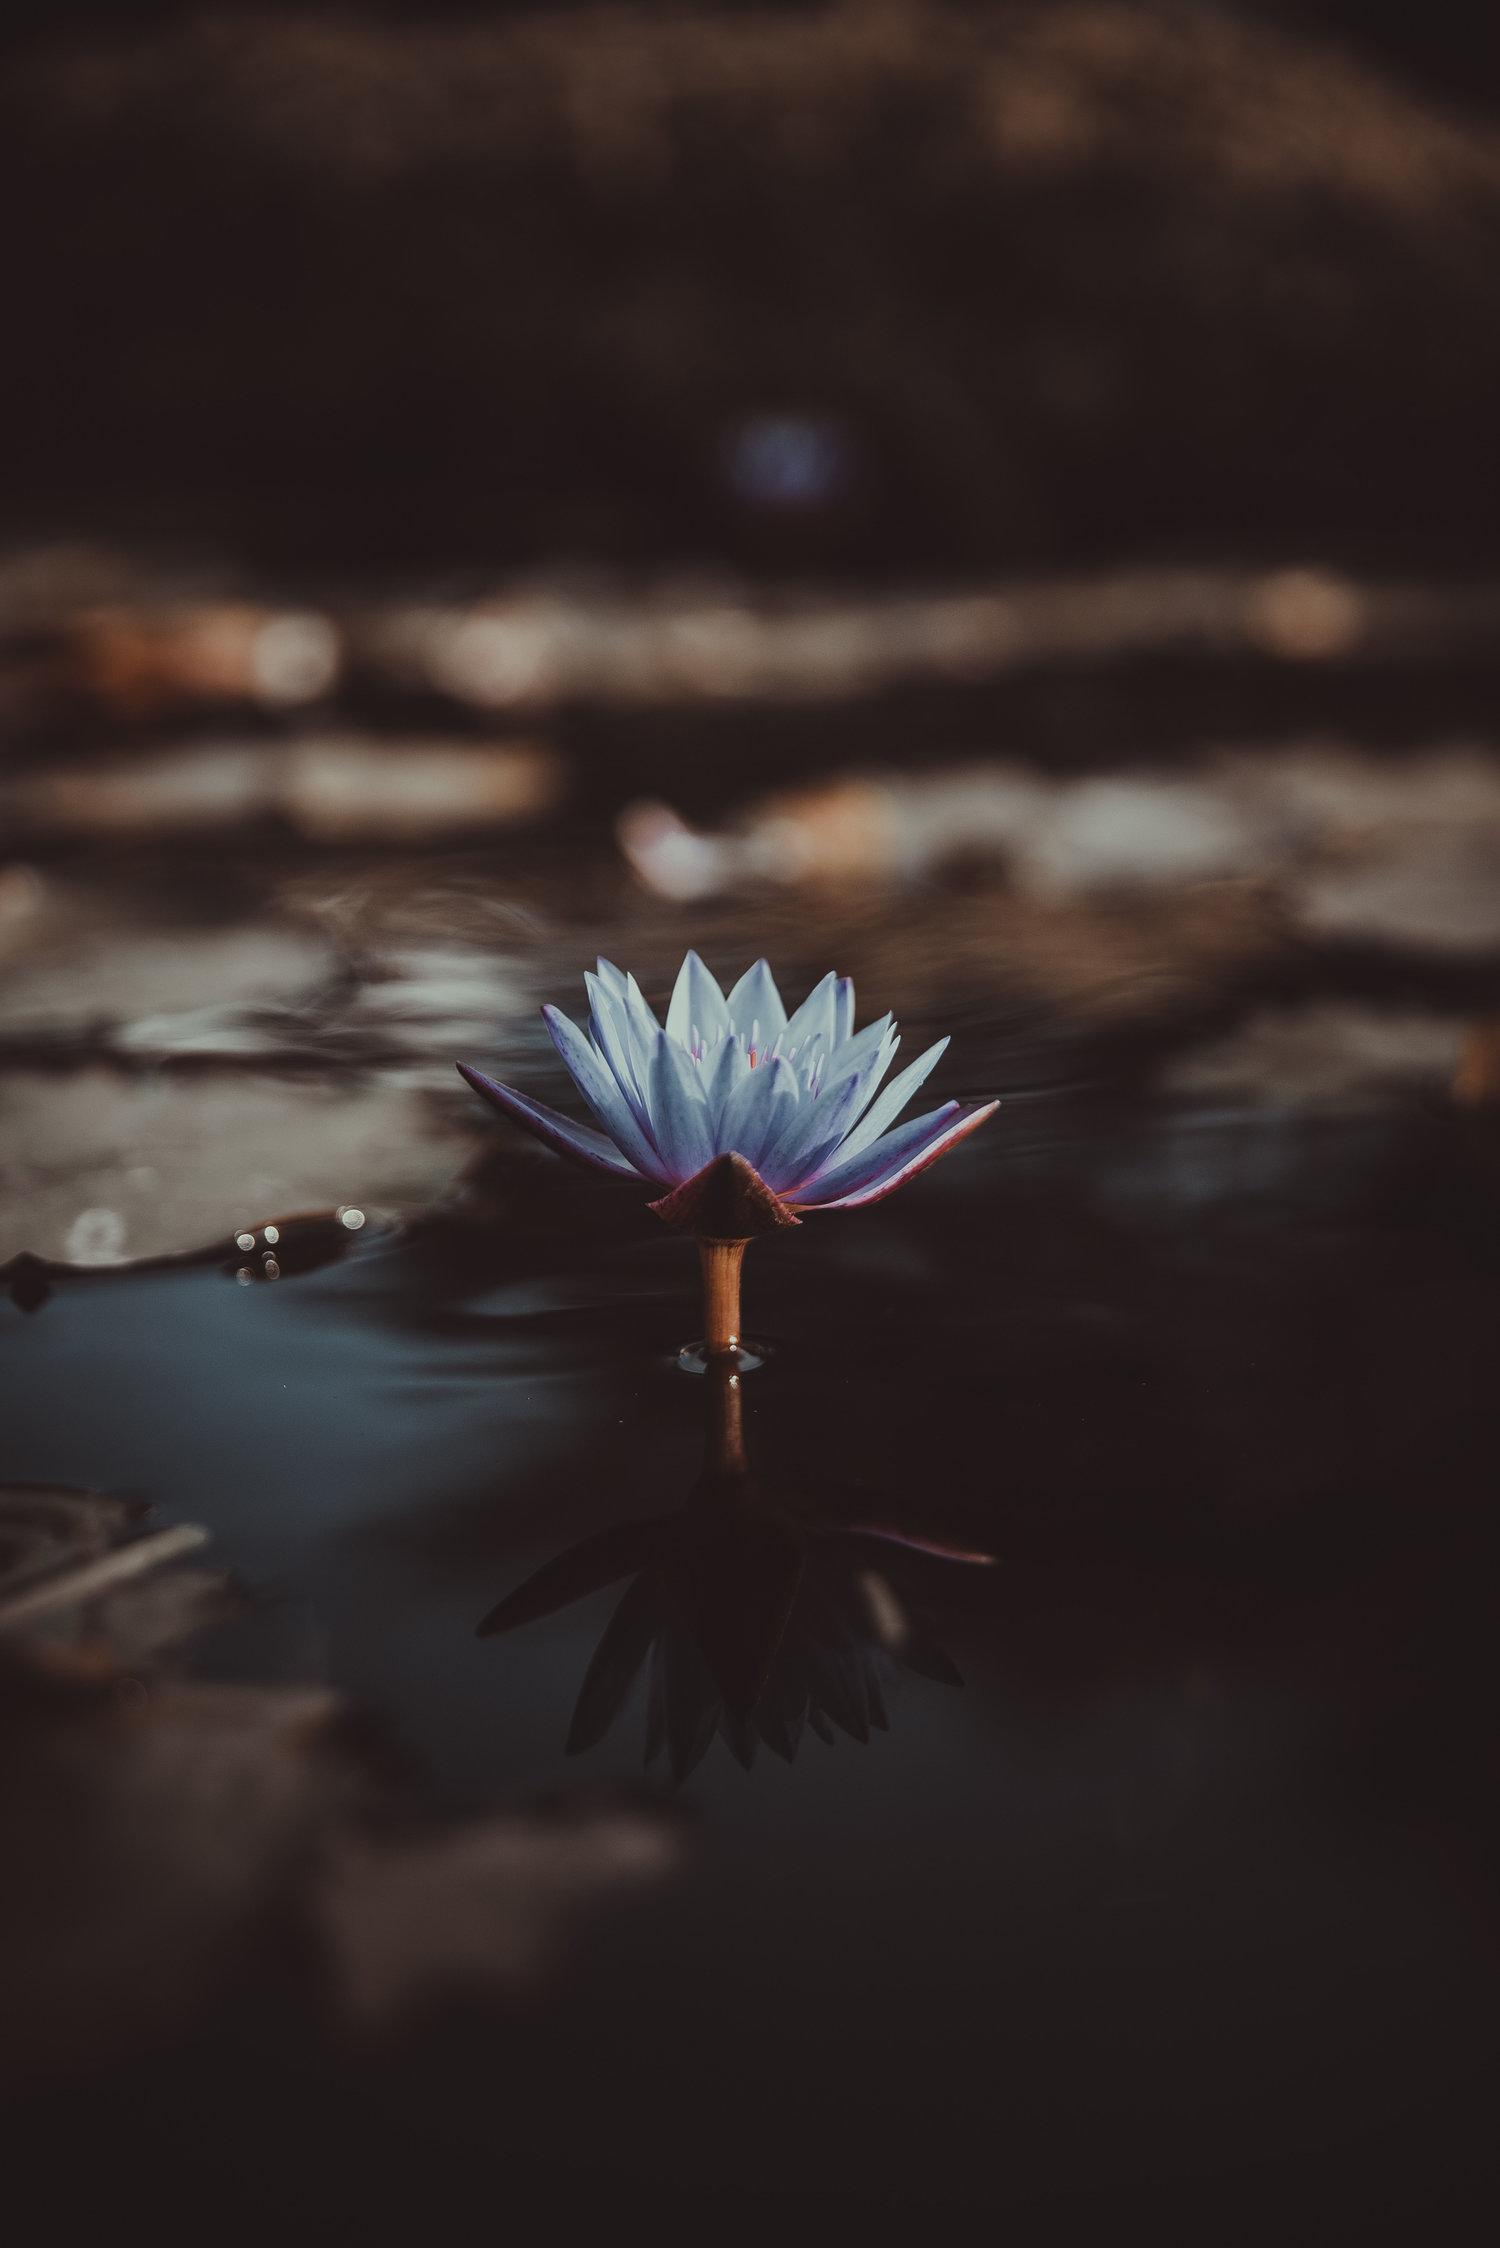 Hoa sen nở rộ đẹp đẽ trong đêm